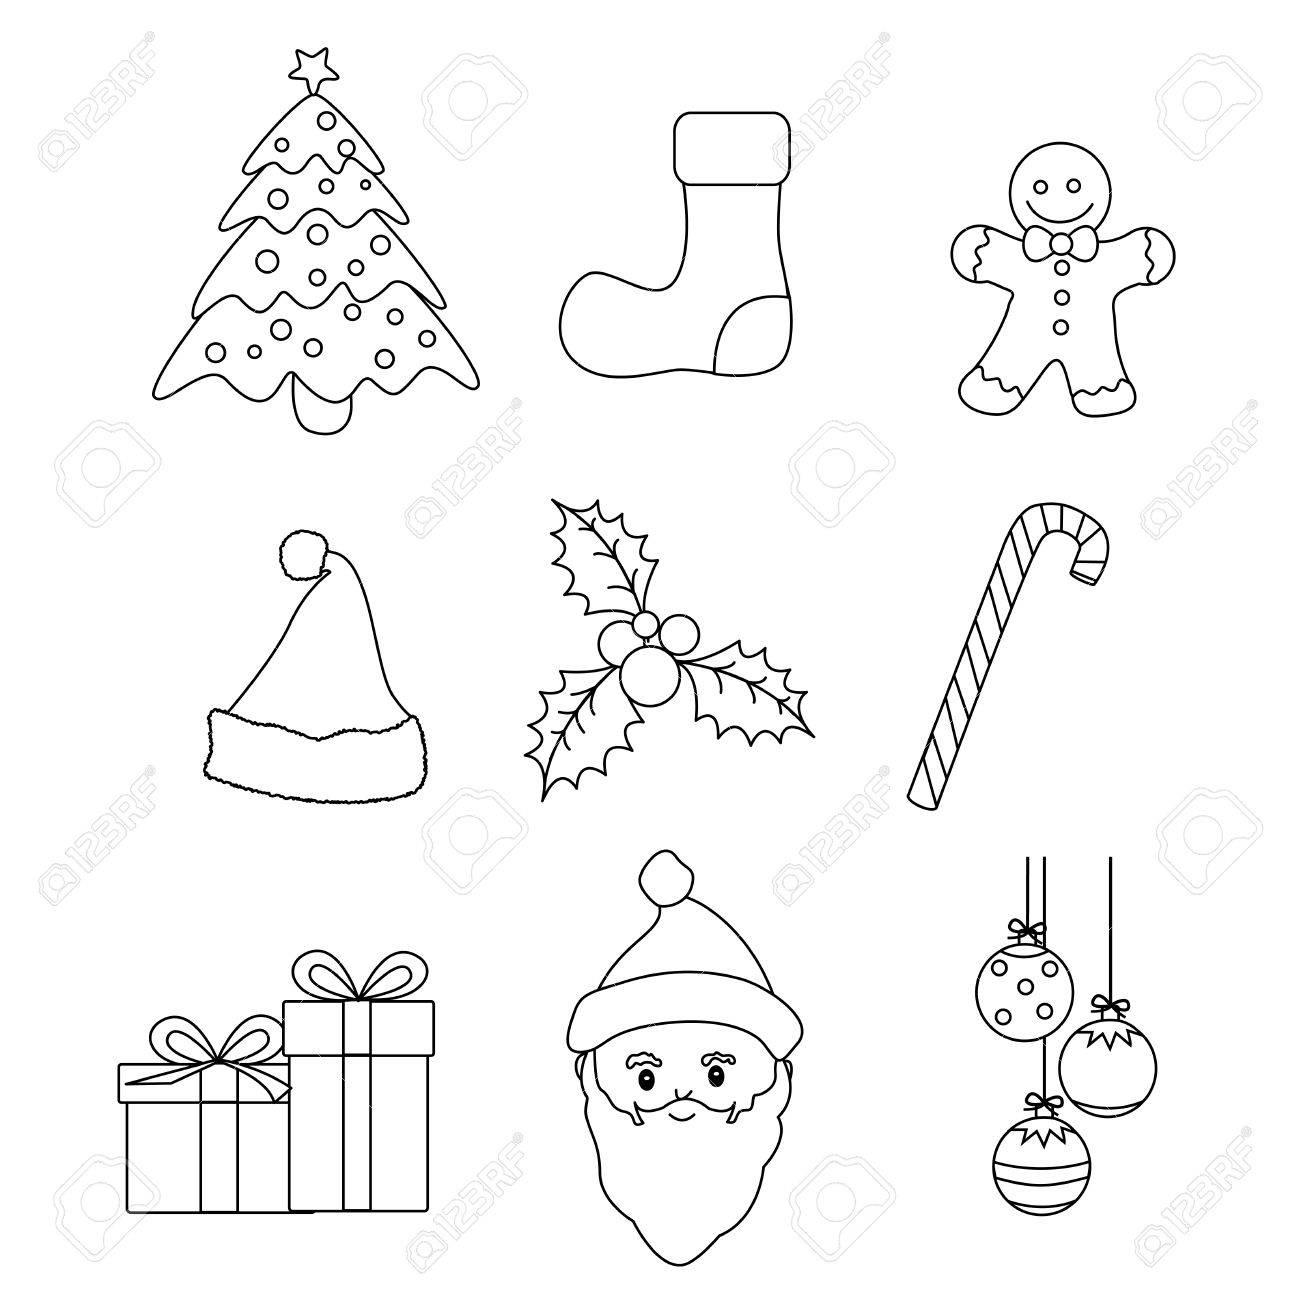 Weihnachten Grafik Lineart Kollektion Für Kinder Malbuch / Oder ...